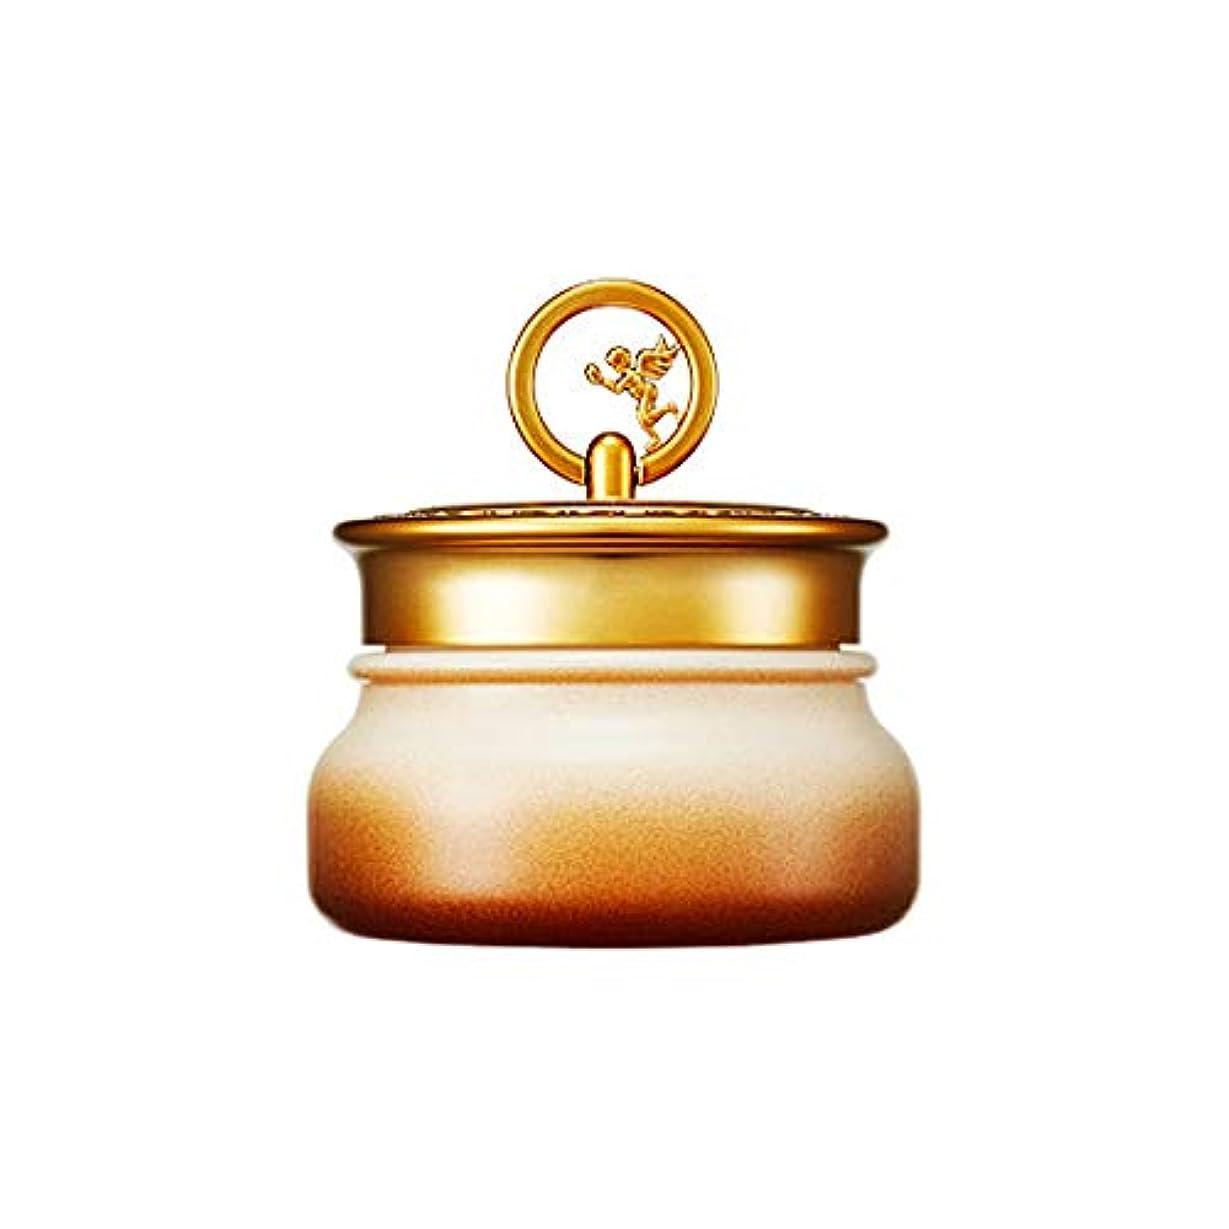 水奴隷離れたSkinfood ゴールドキャビアクリーム(しわケア) / Gold Caviar Cream (wrinkle care) 45g [並行輸入品]